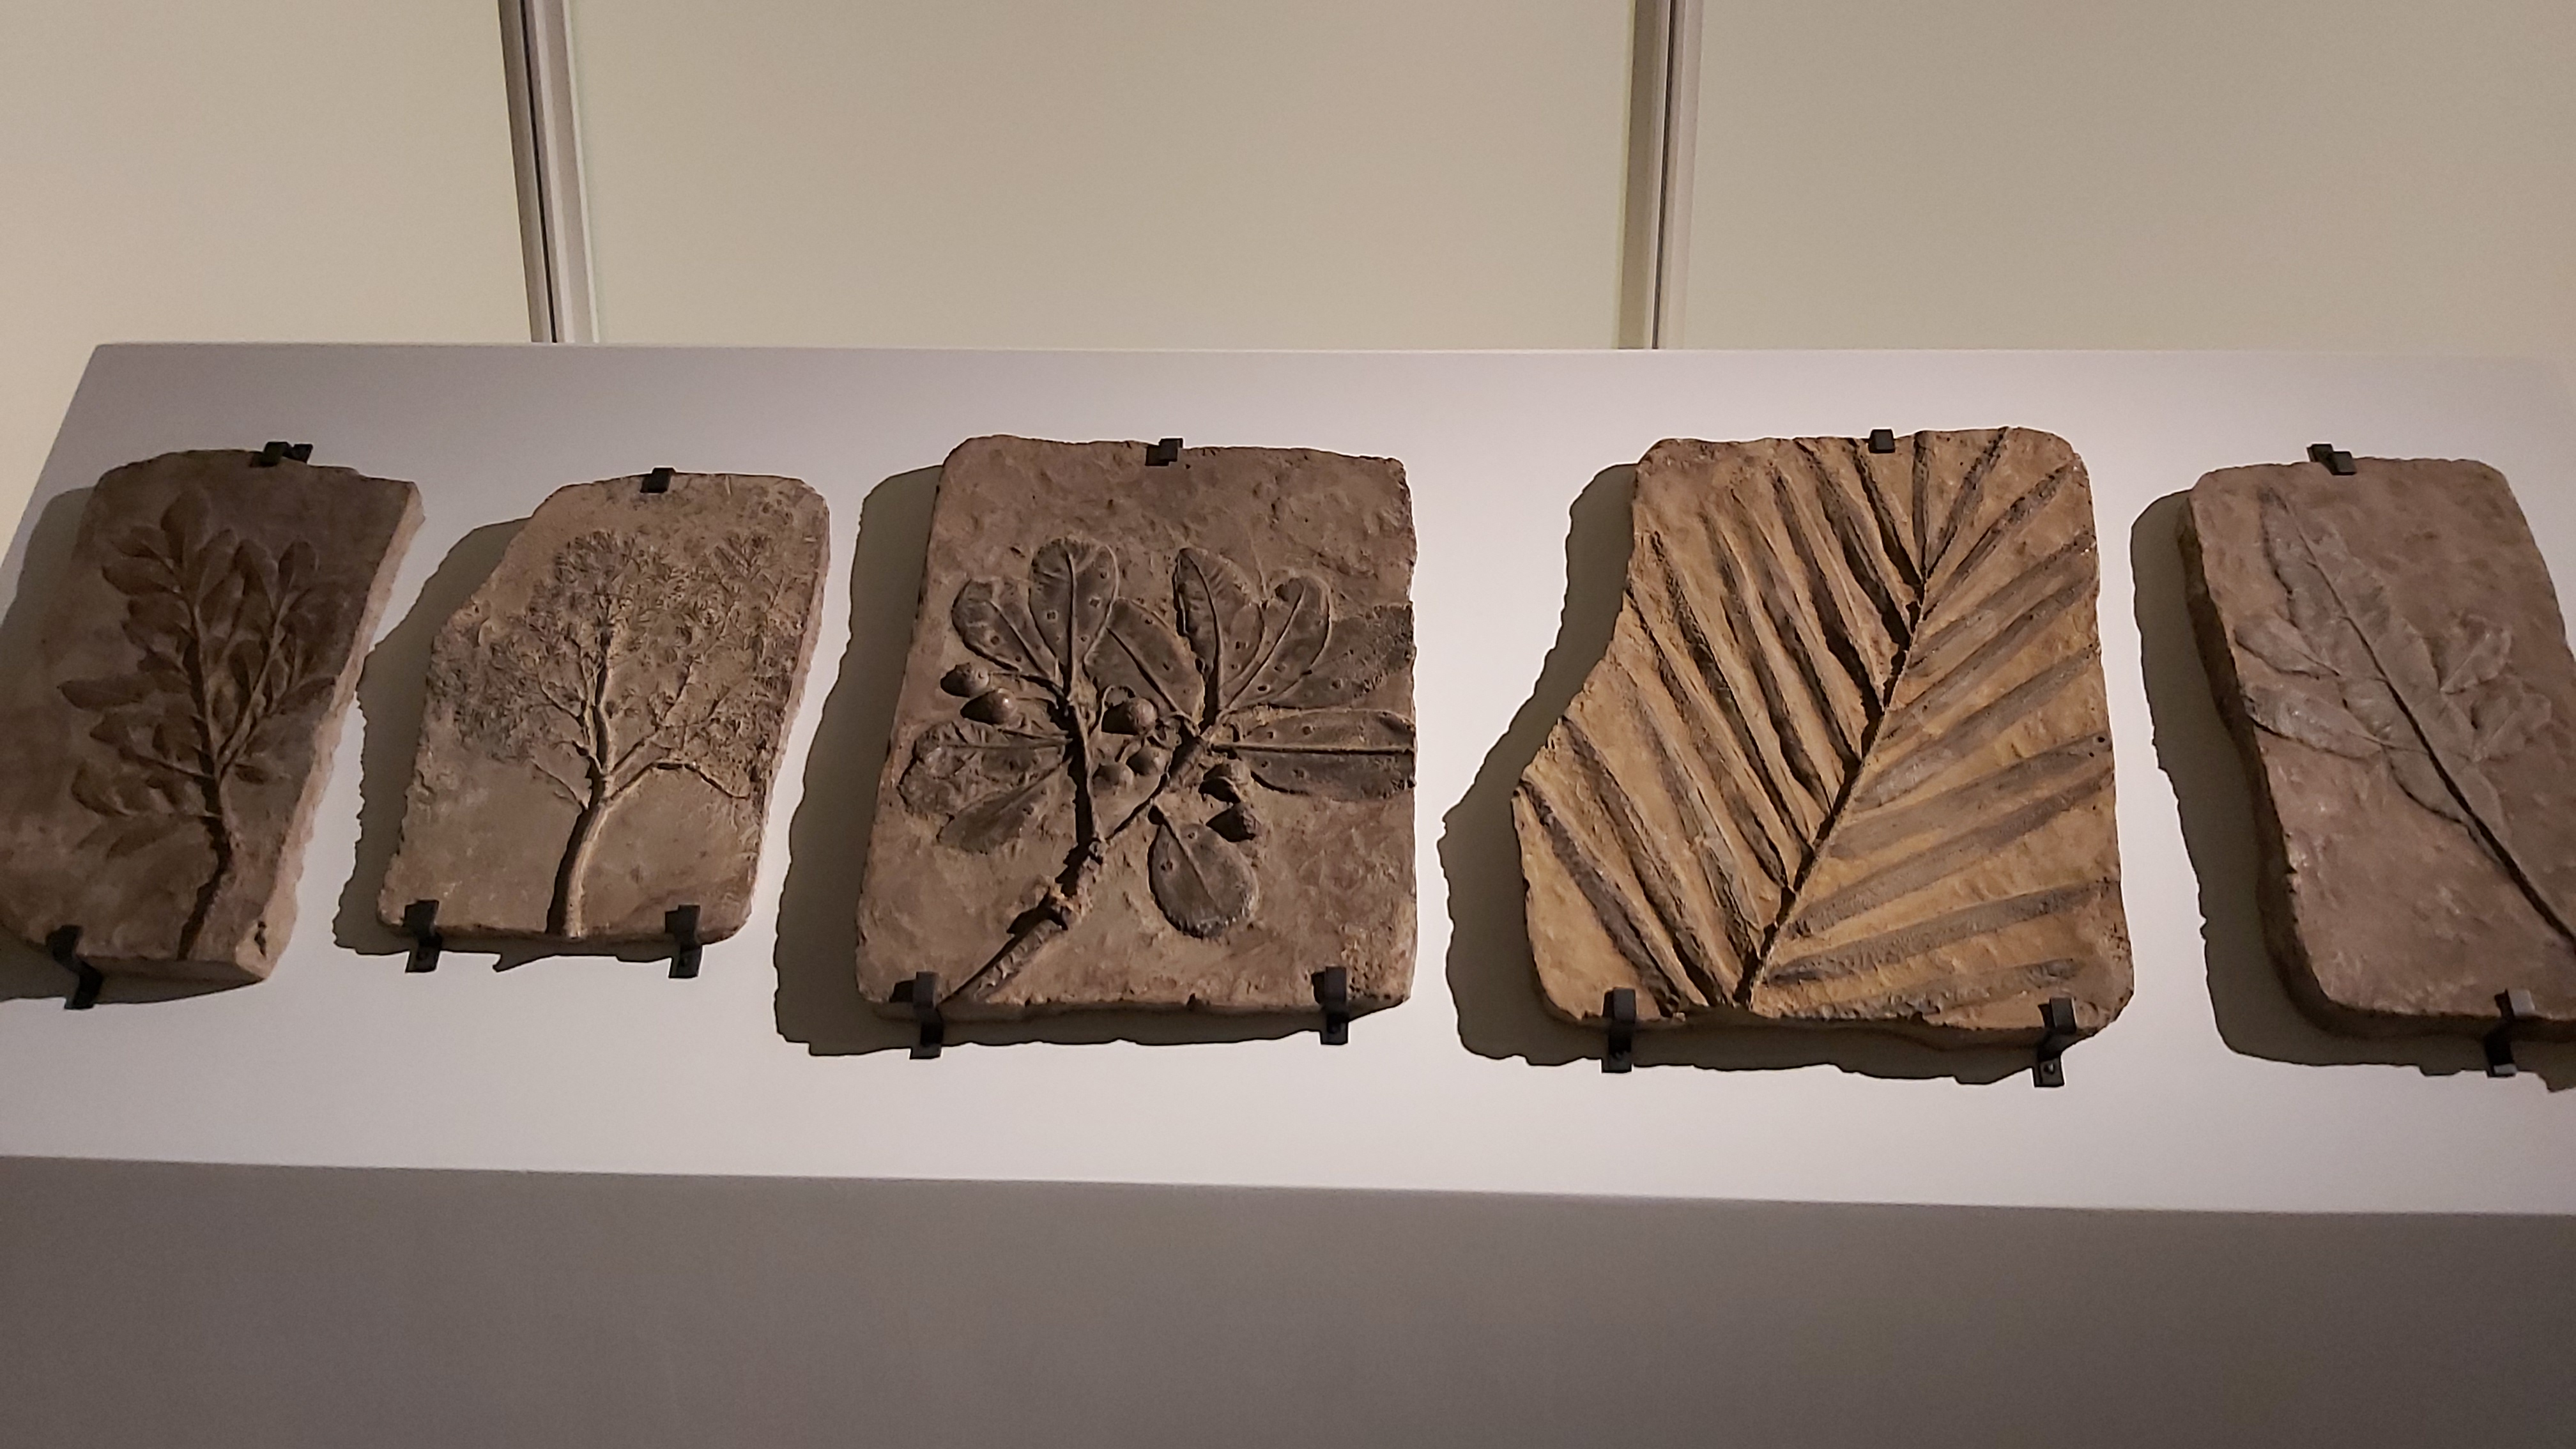 涂維政《遺跡化石》系列展出作品細節